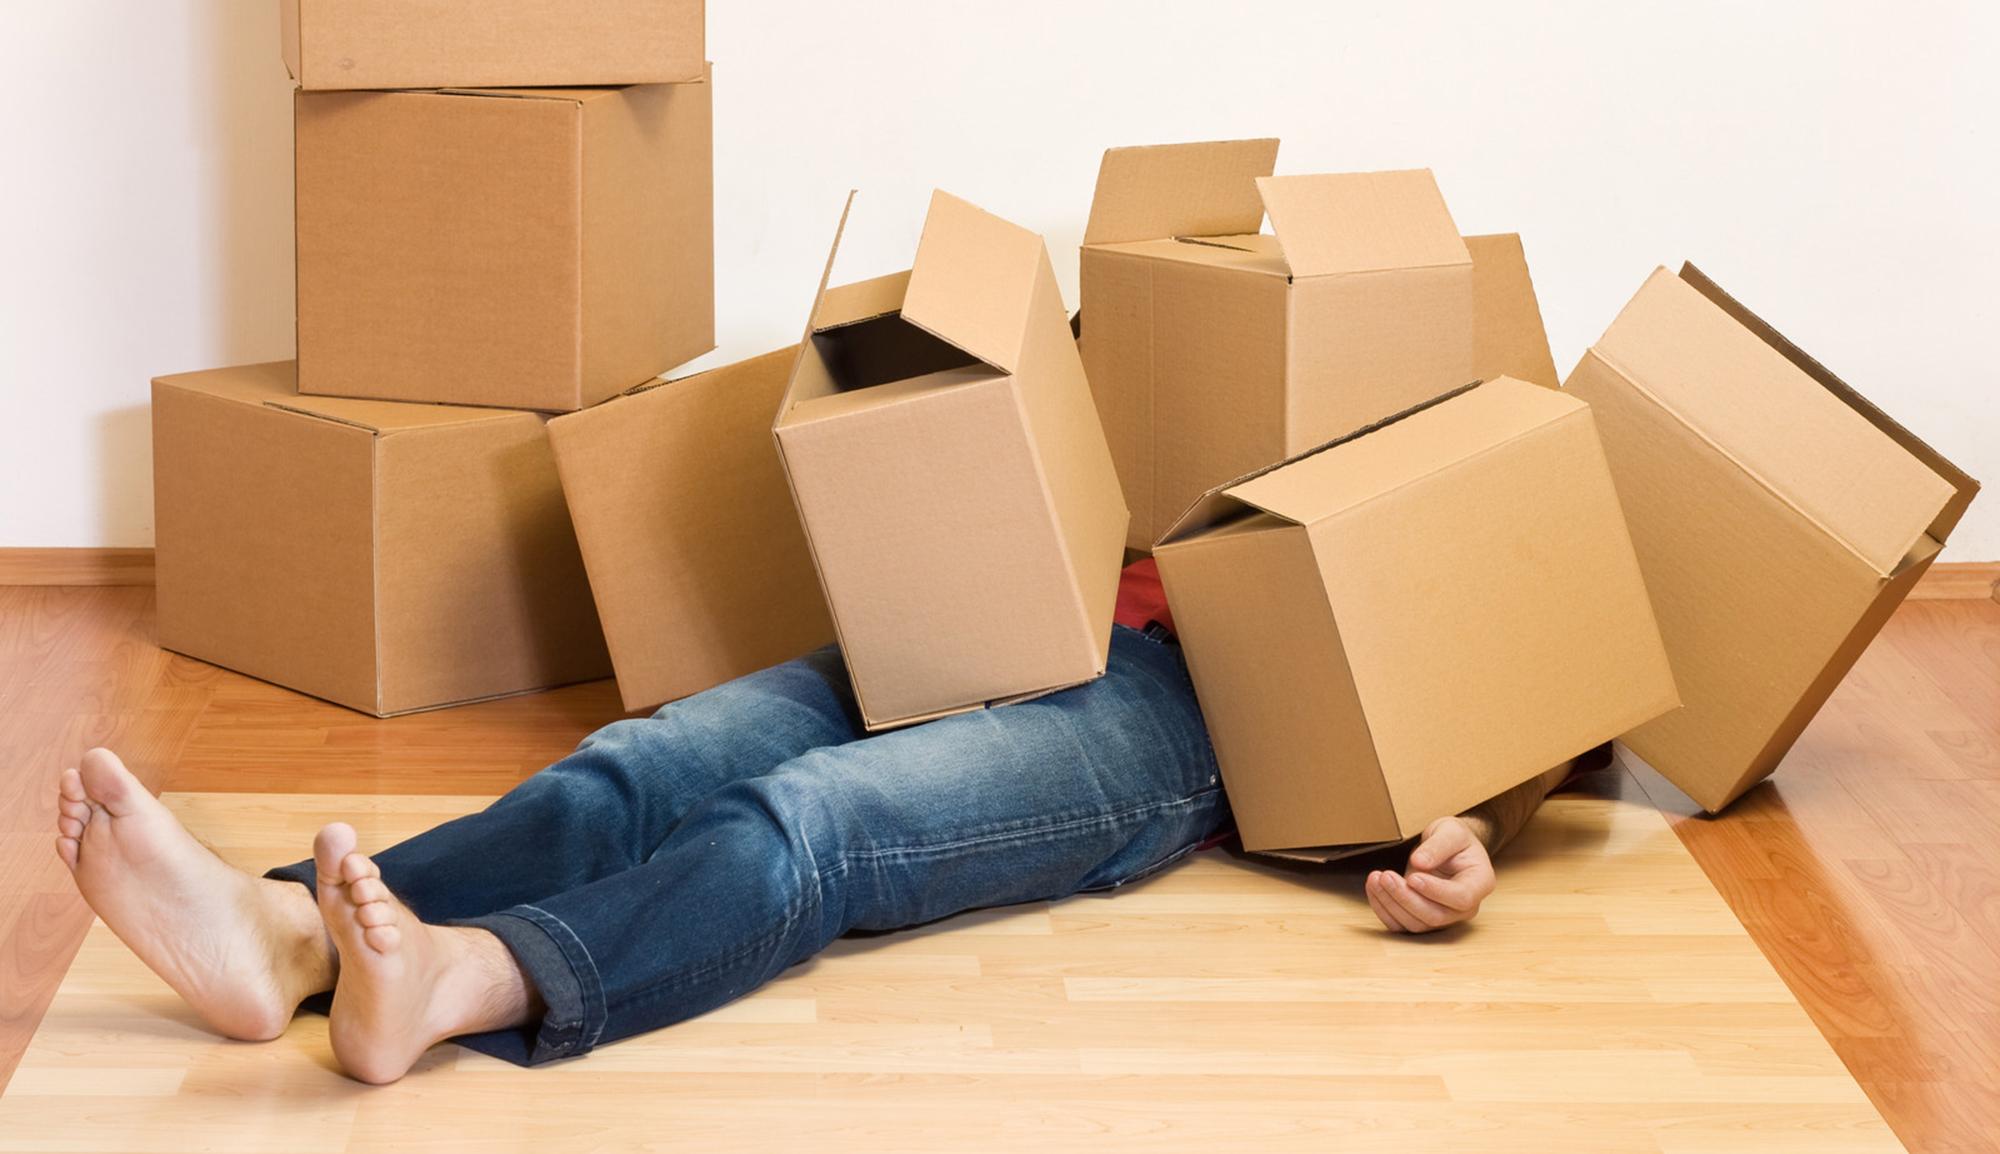 Packing Box's can be a headache